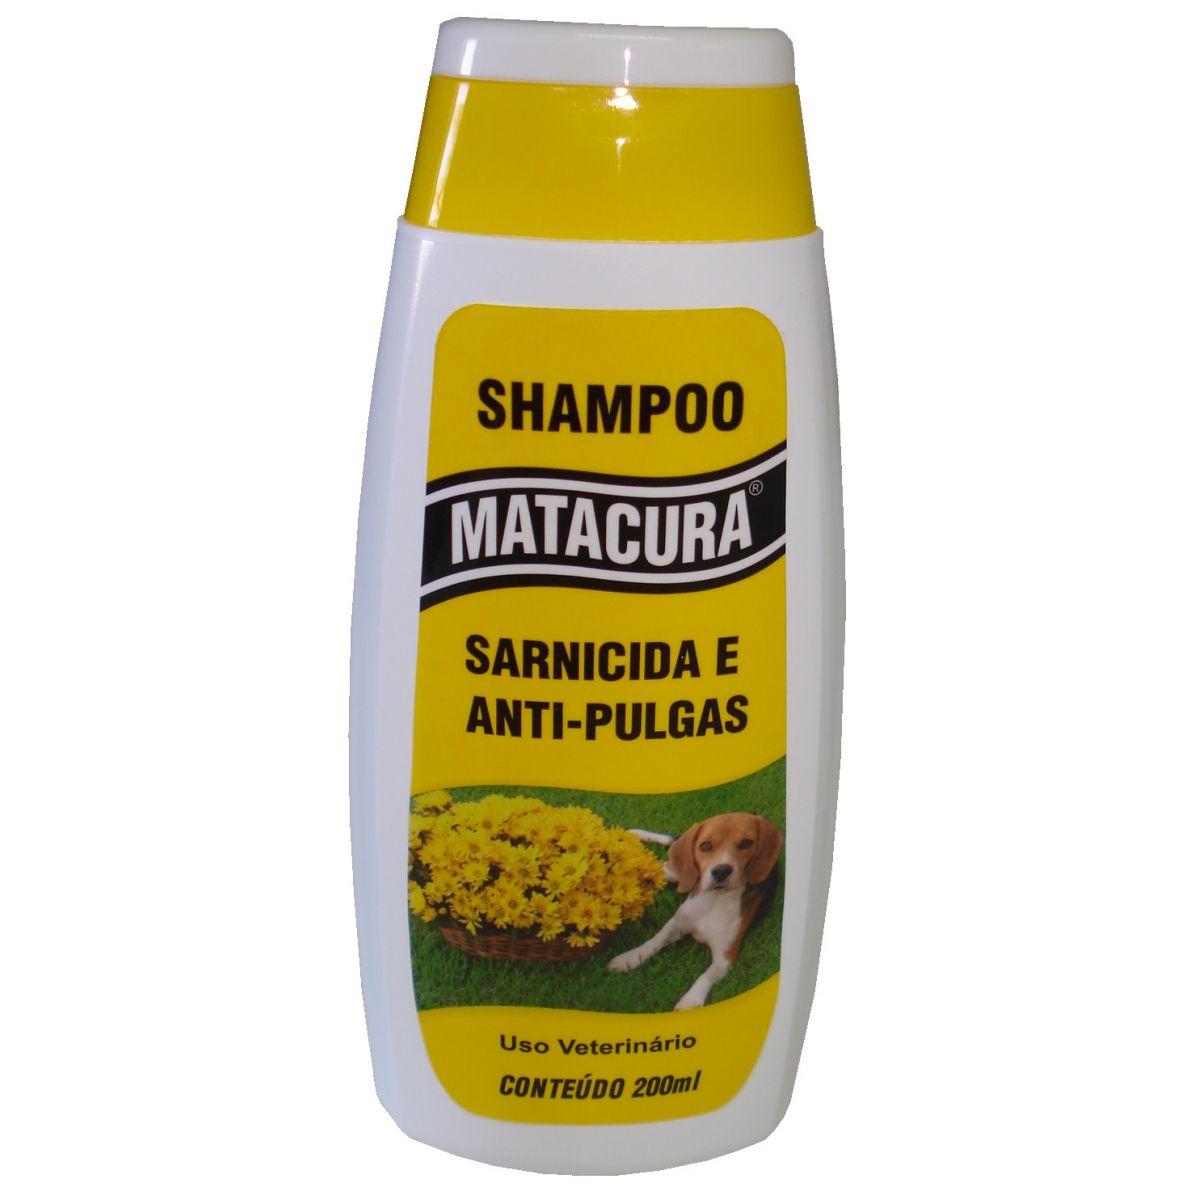 Matacura Shampoo Sarnicida e Anti-pulgas - 200ml